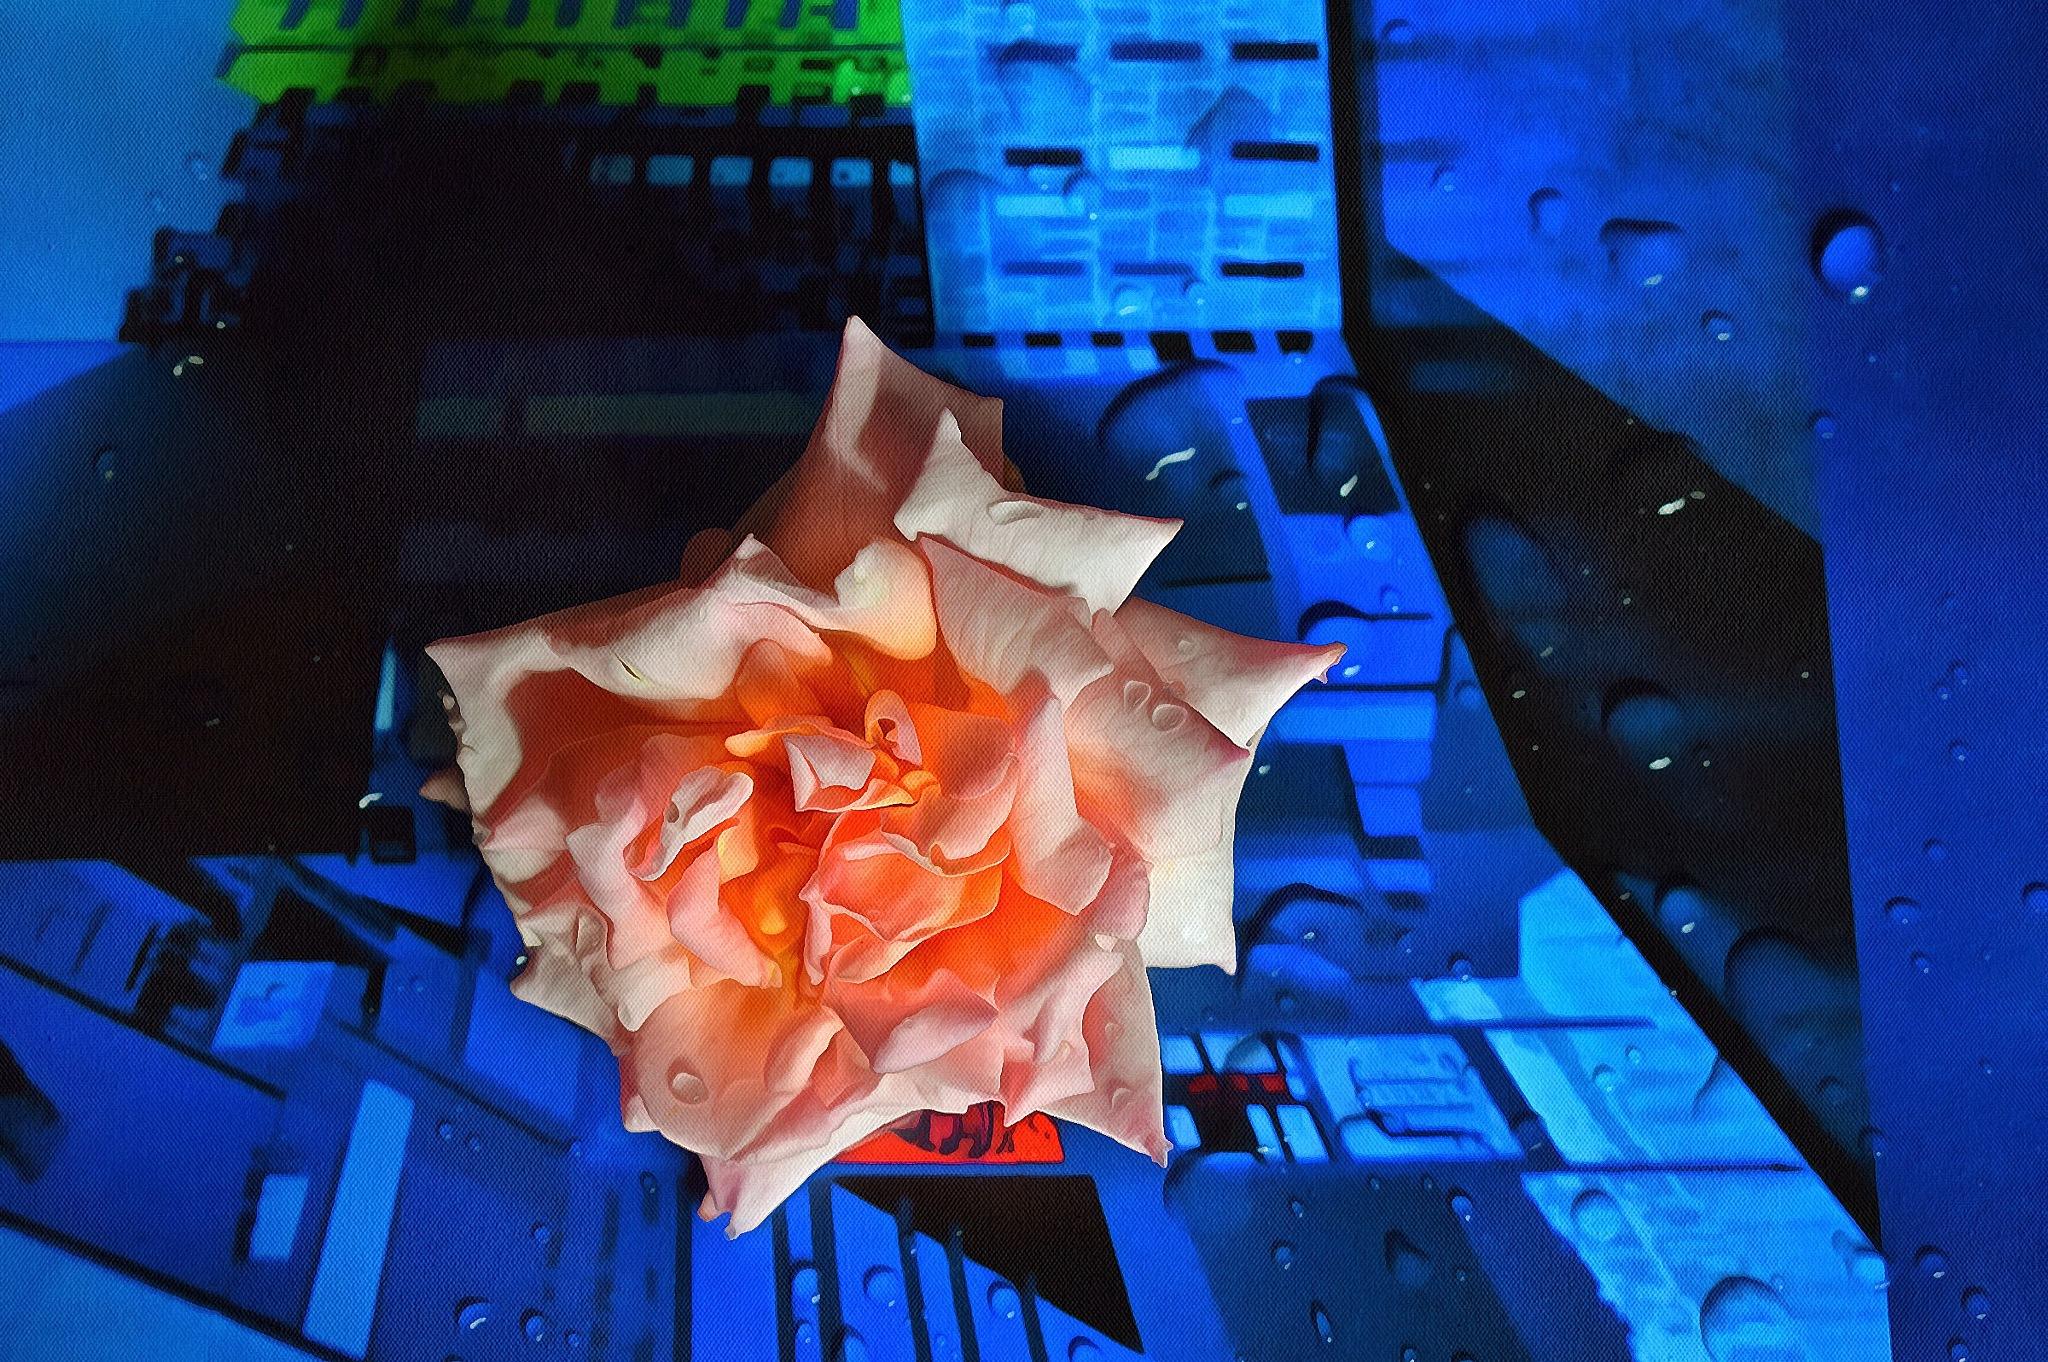 Rose by Javorka